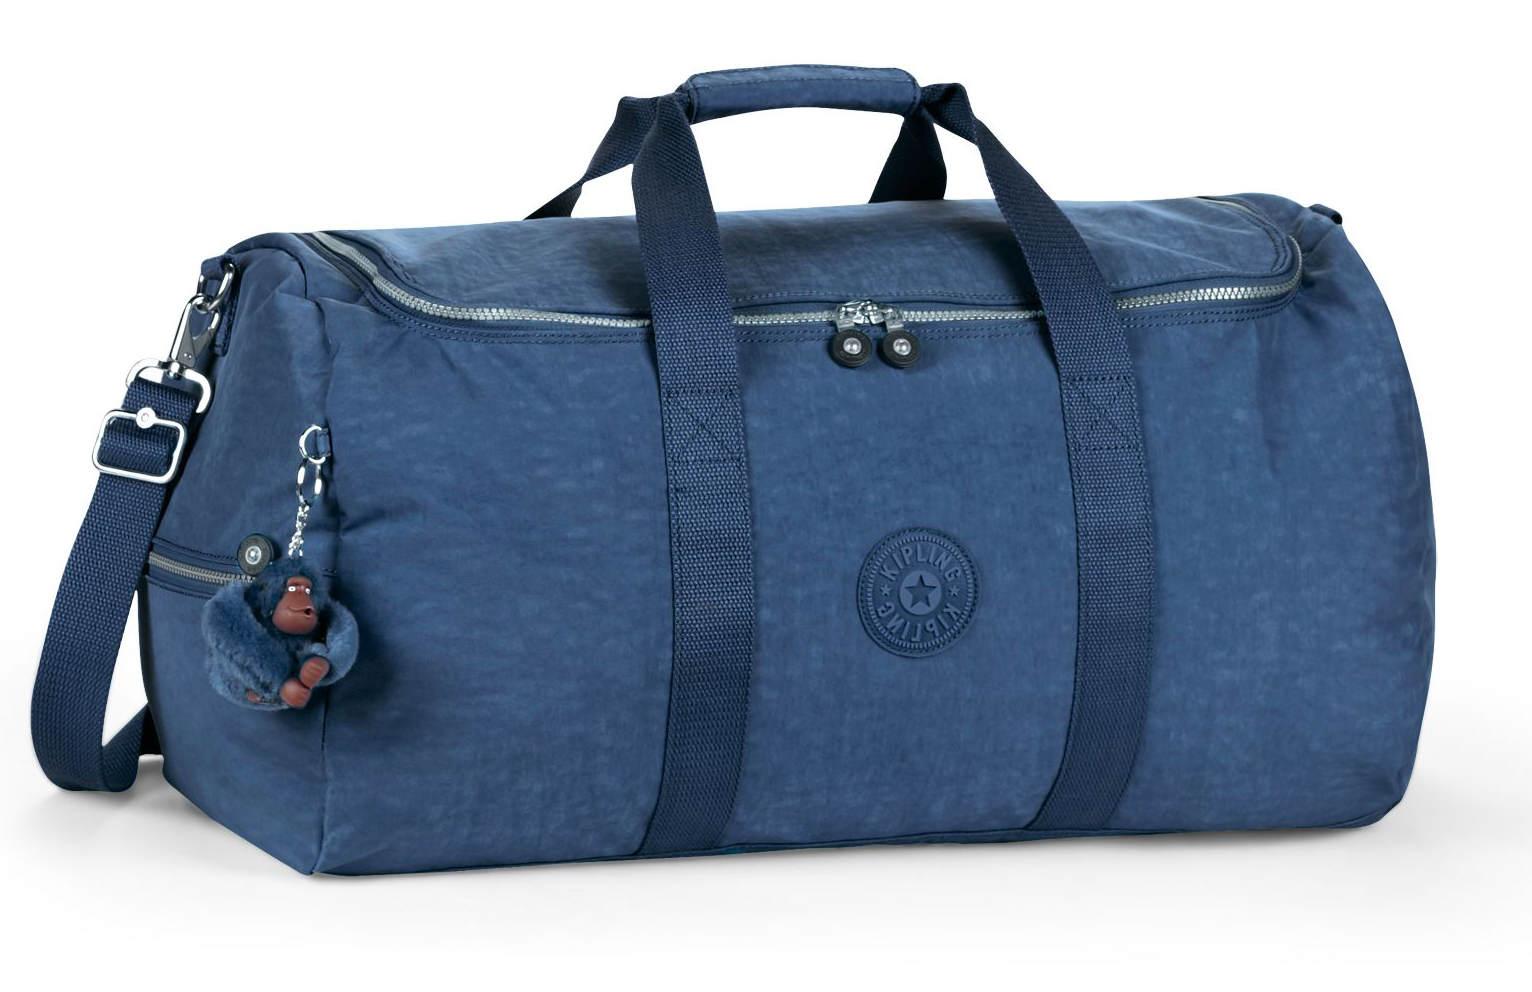 В каких магазинах продаются рюкзаки kipling рюкзаки модные для девочек 12 лет